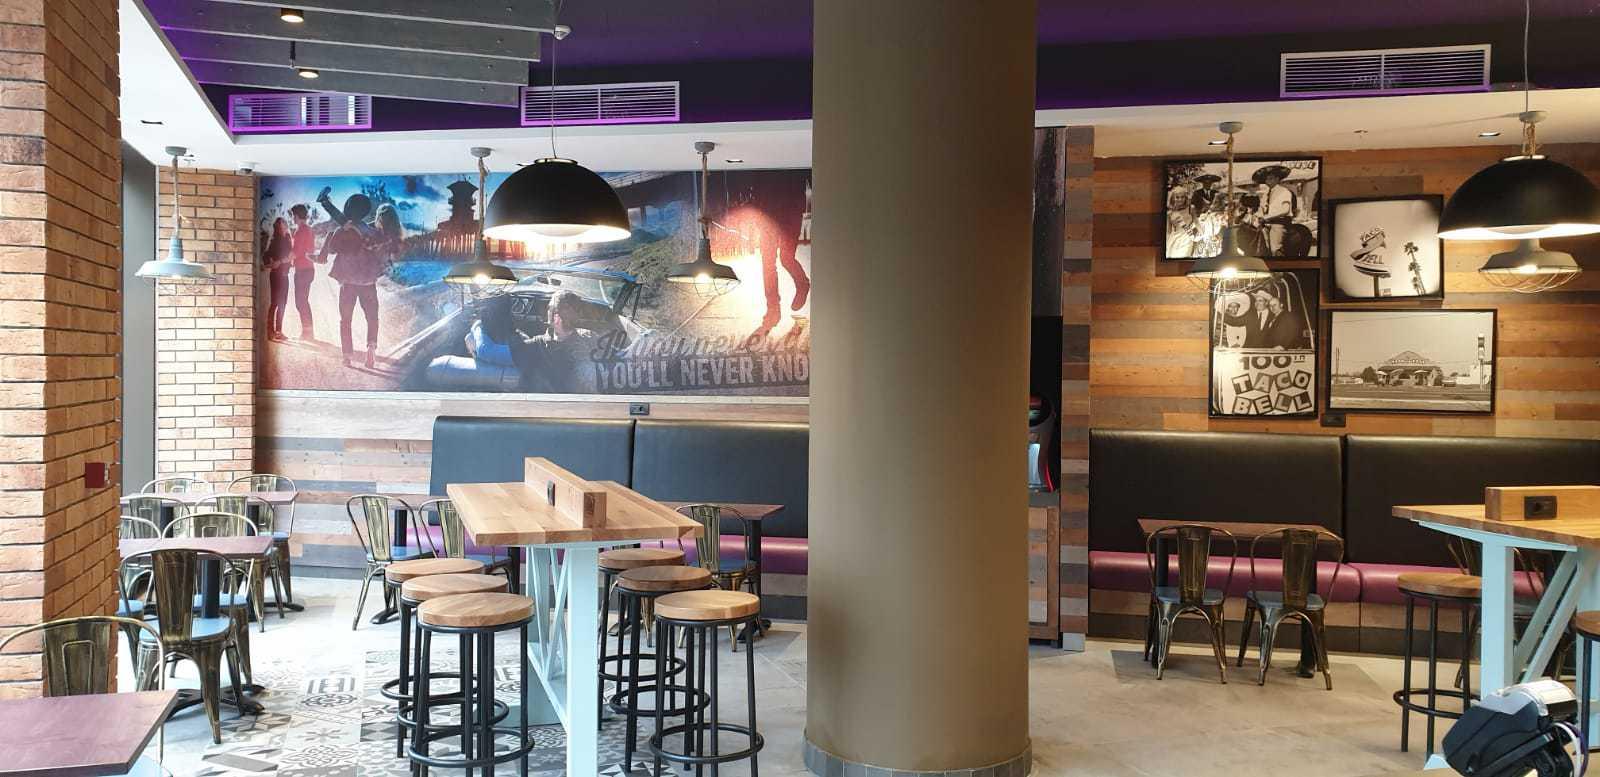 Taco Bell se extinde cu un nou restaurant. Unde se va afla acesta